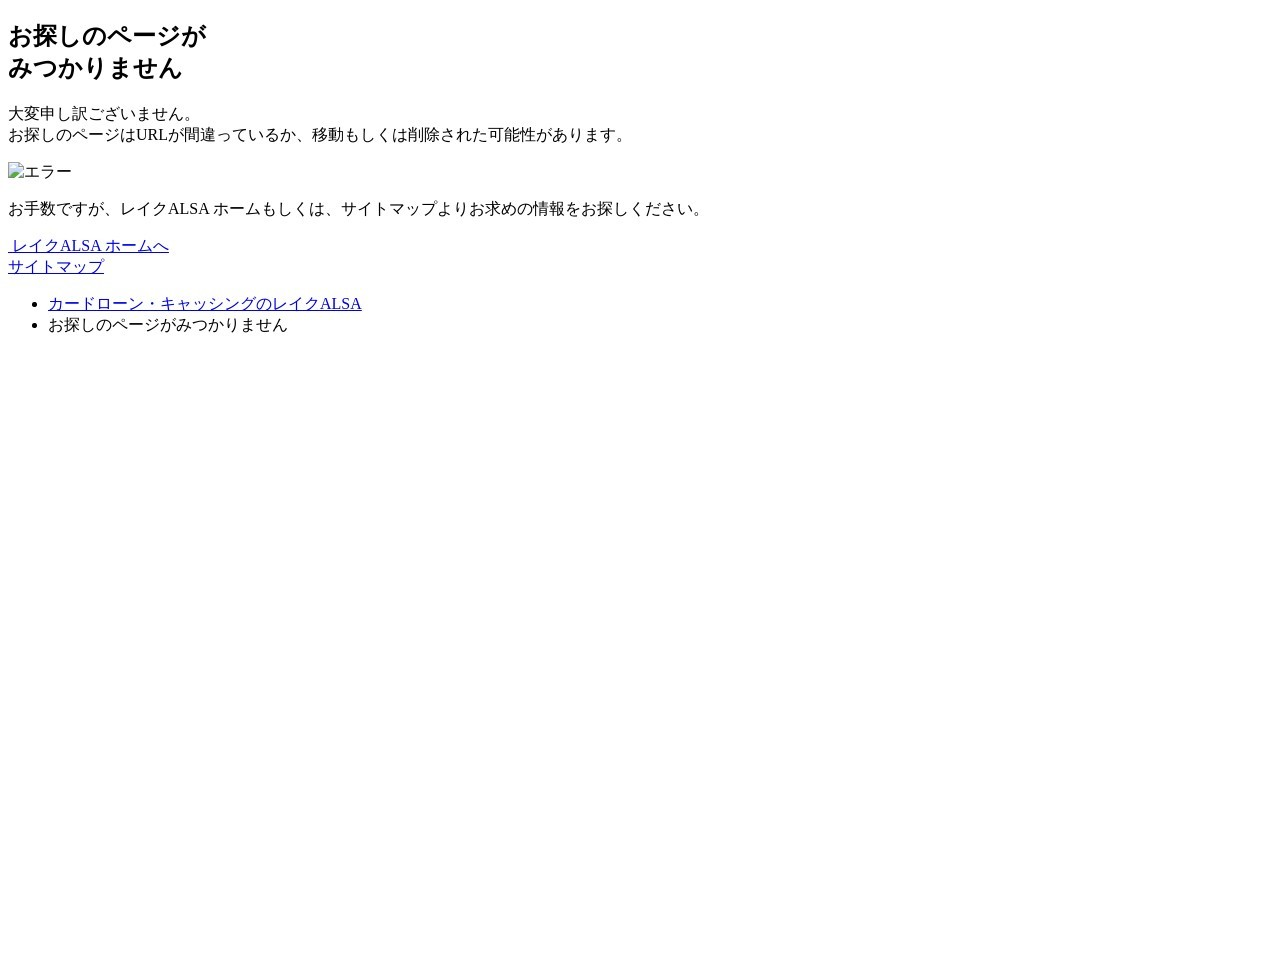 レイクALSA 8号栗東自動契約コーナー滋賀県 レイクALSA